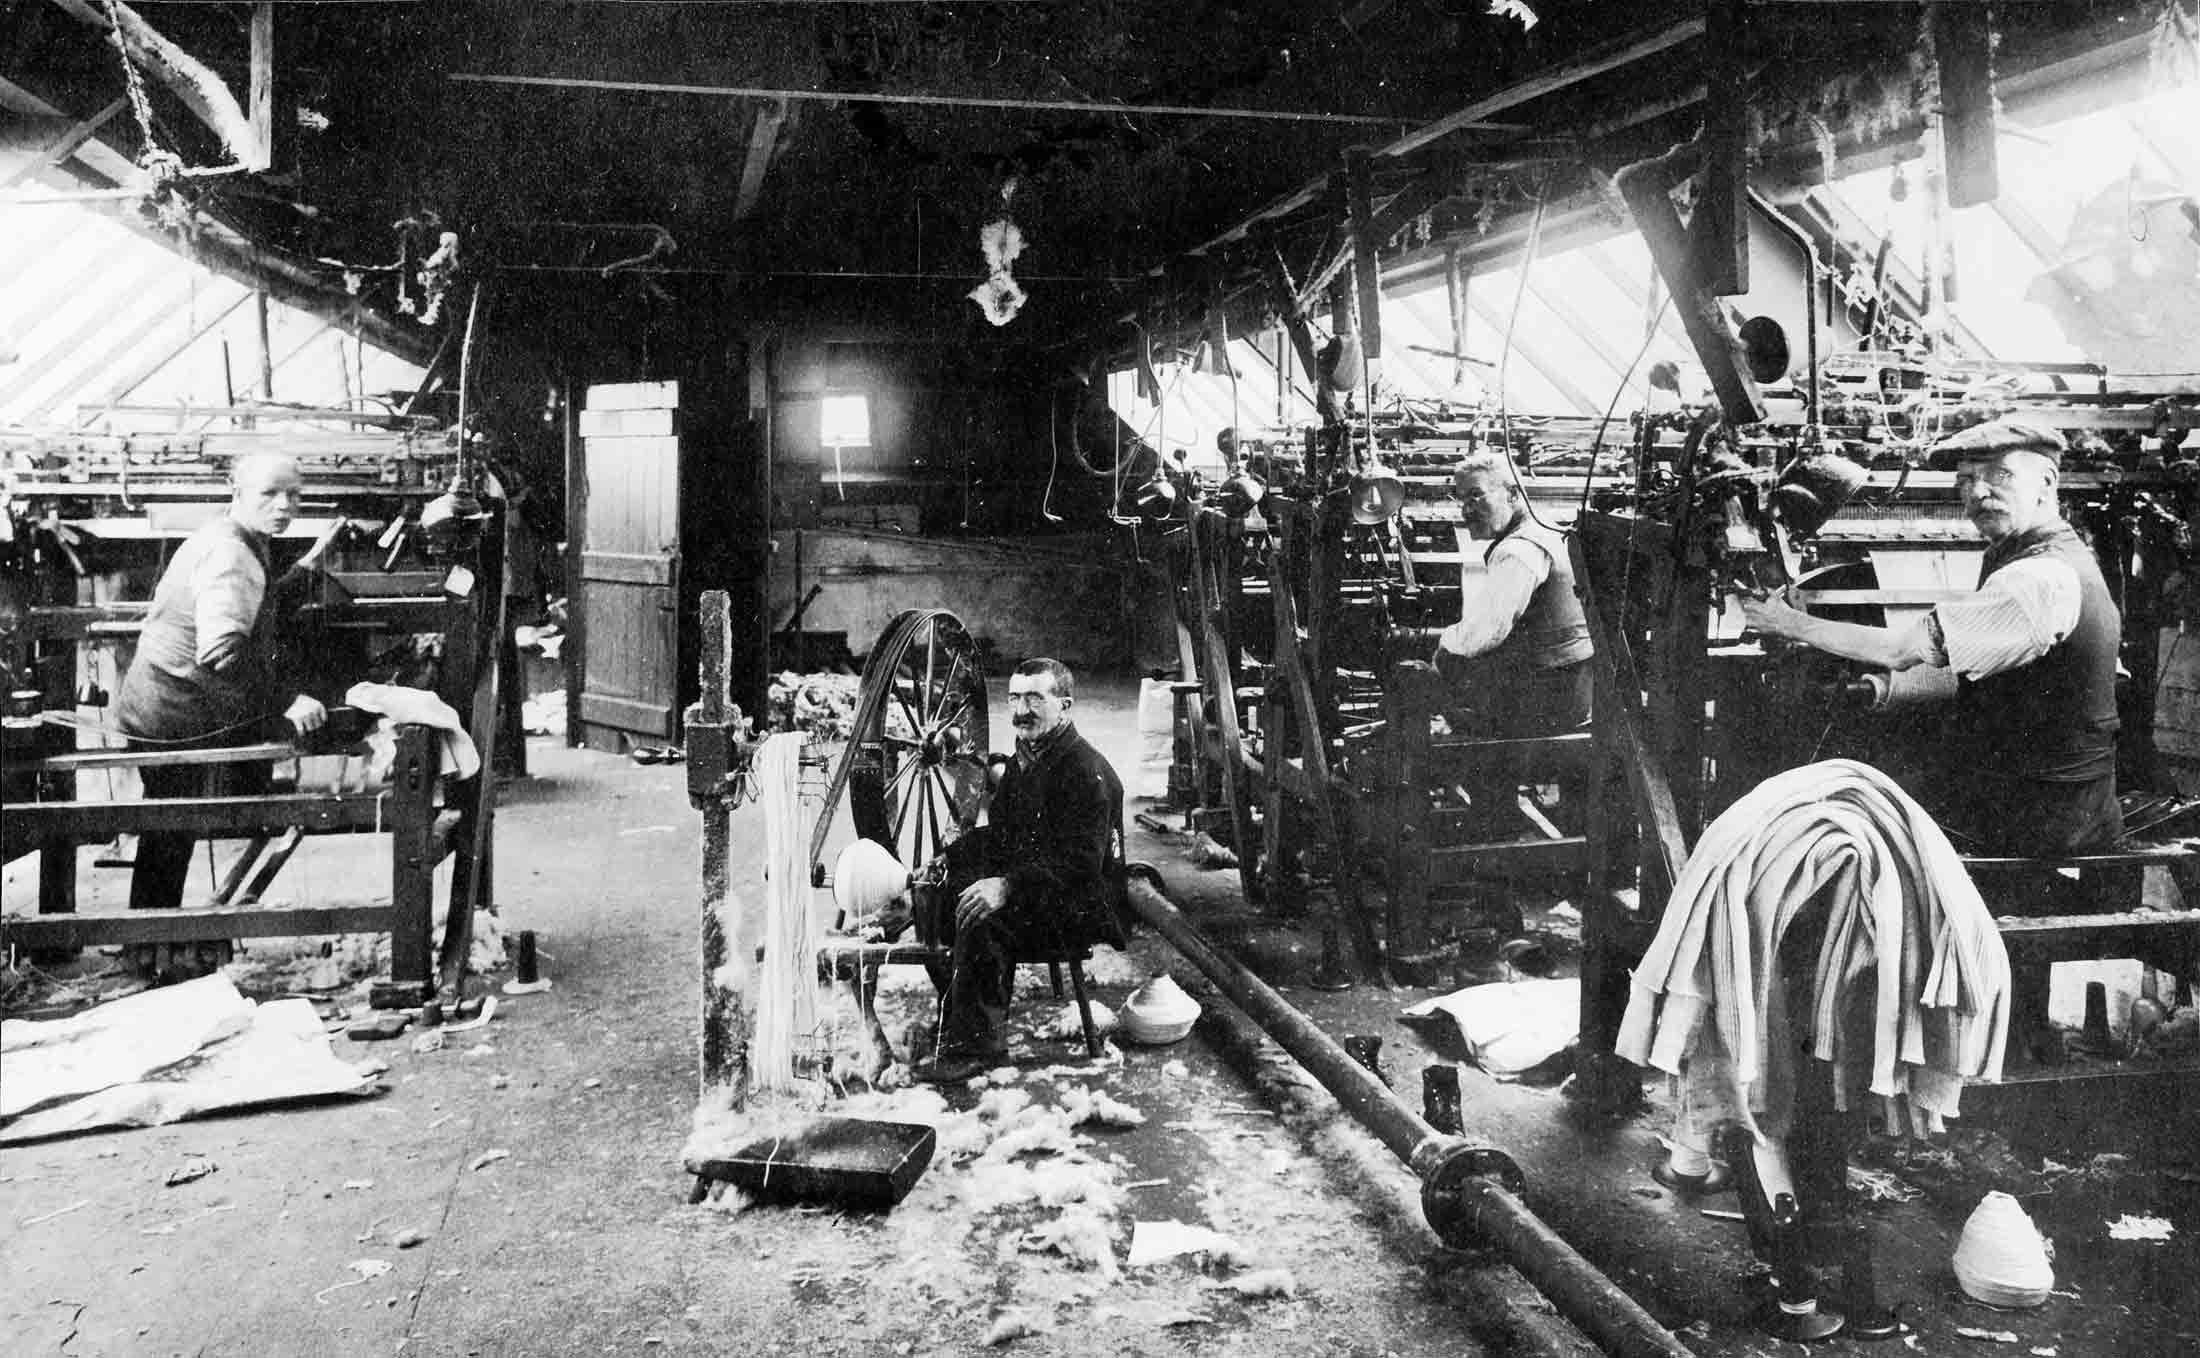 Såhär såg det ut på 1800-talet i Lyle&Scotts fabrik.